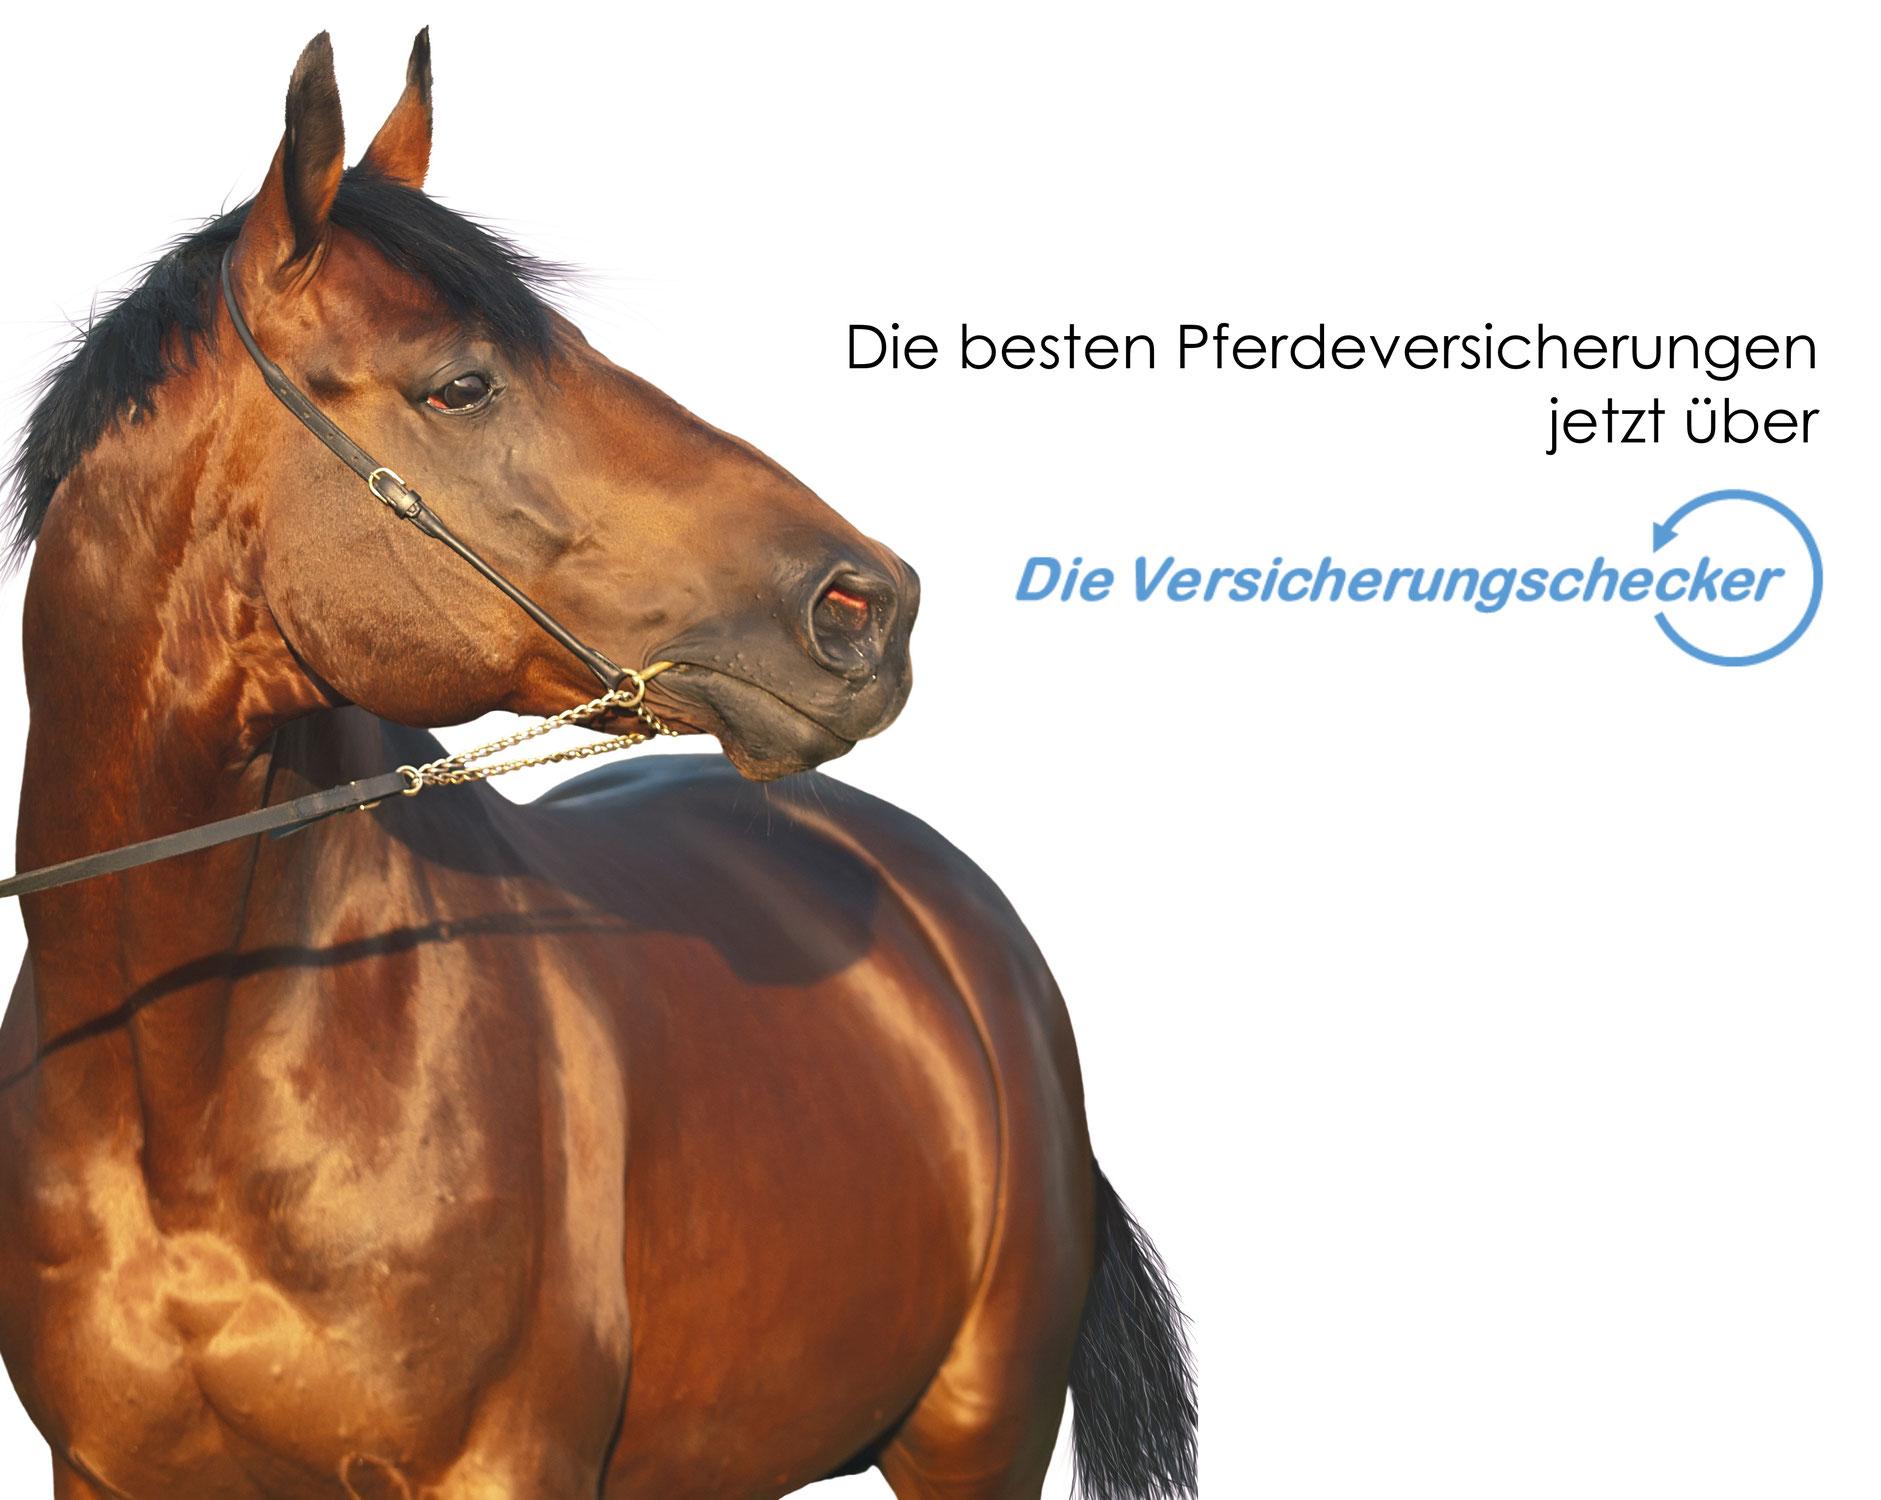 Schadensersatzpflicht des Pferdebesitzers auch gegenüber unerlaubtem Fremdreiter